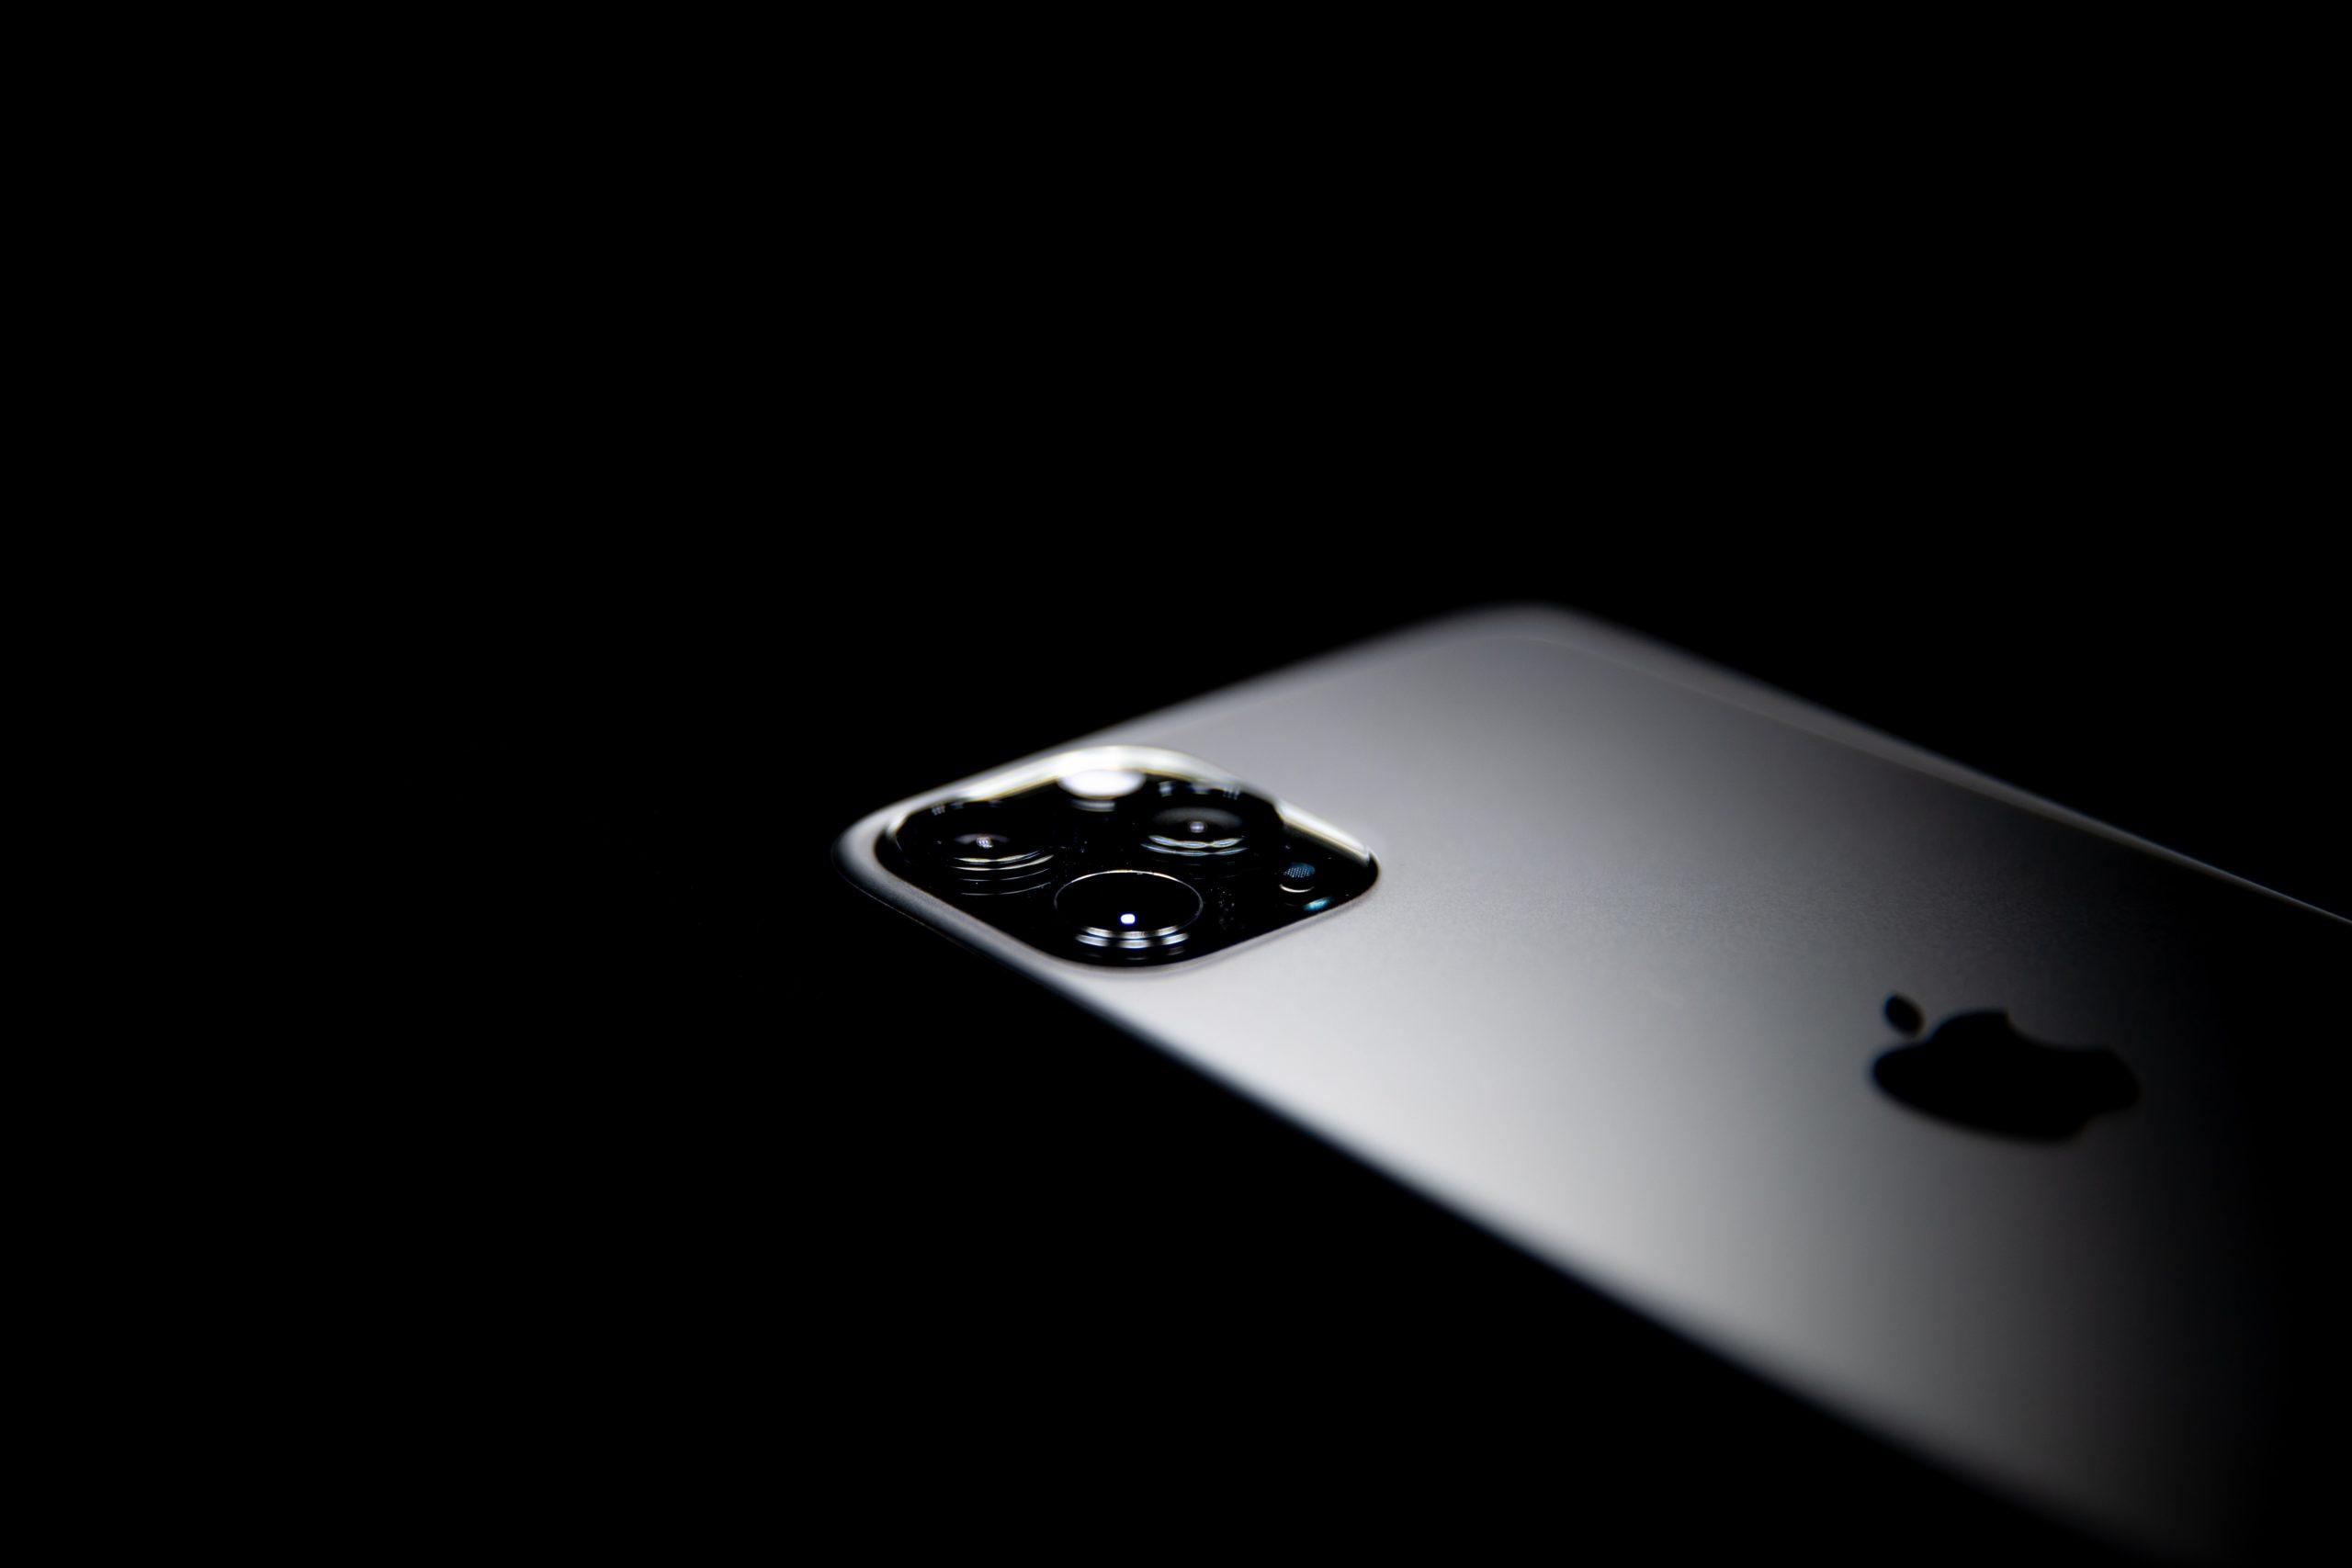 Apple podría presentar hoy los nuevos iPhone 12 ¡Síguelo aquí!